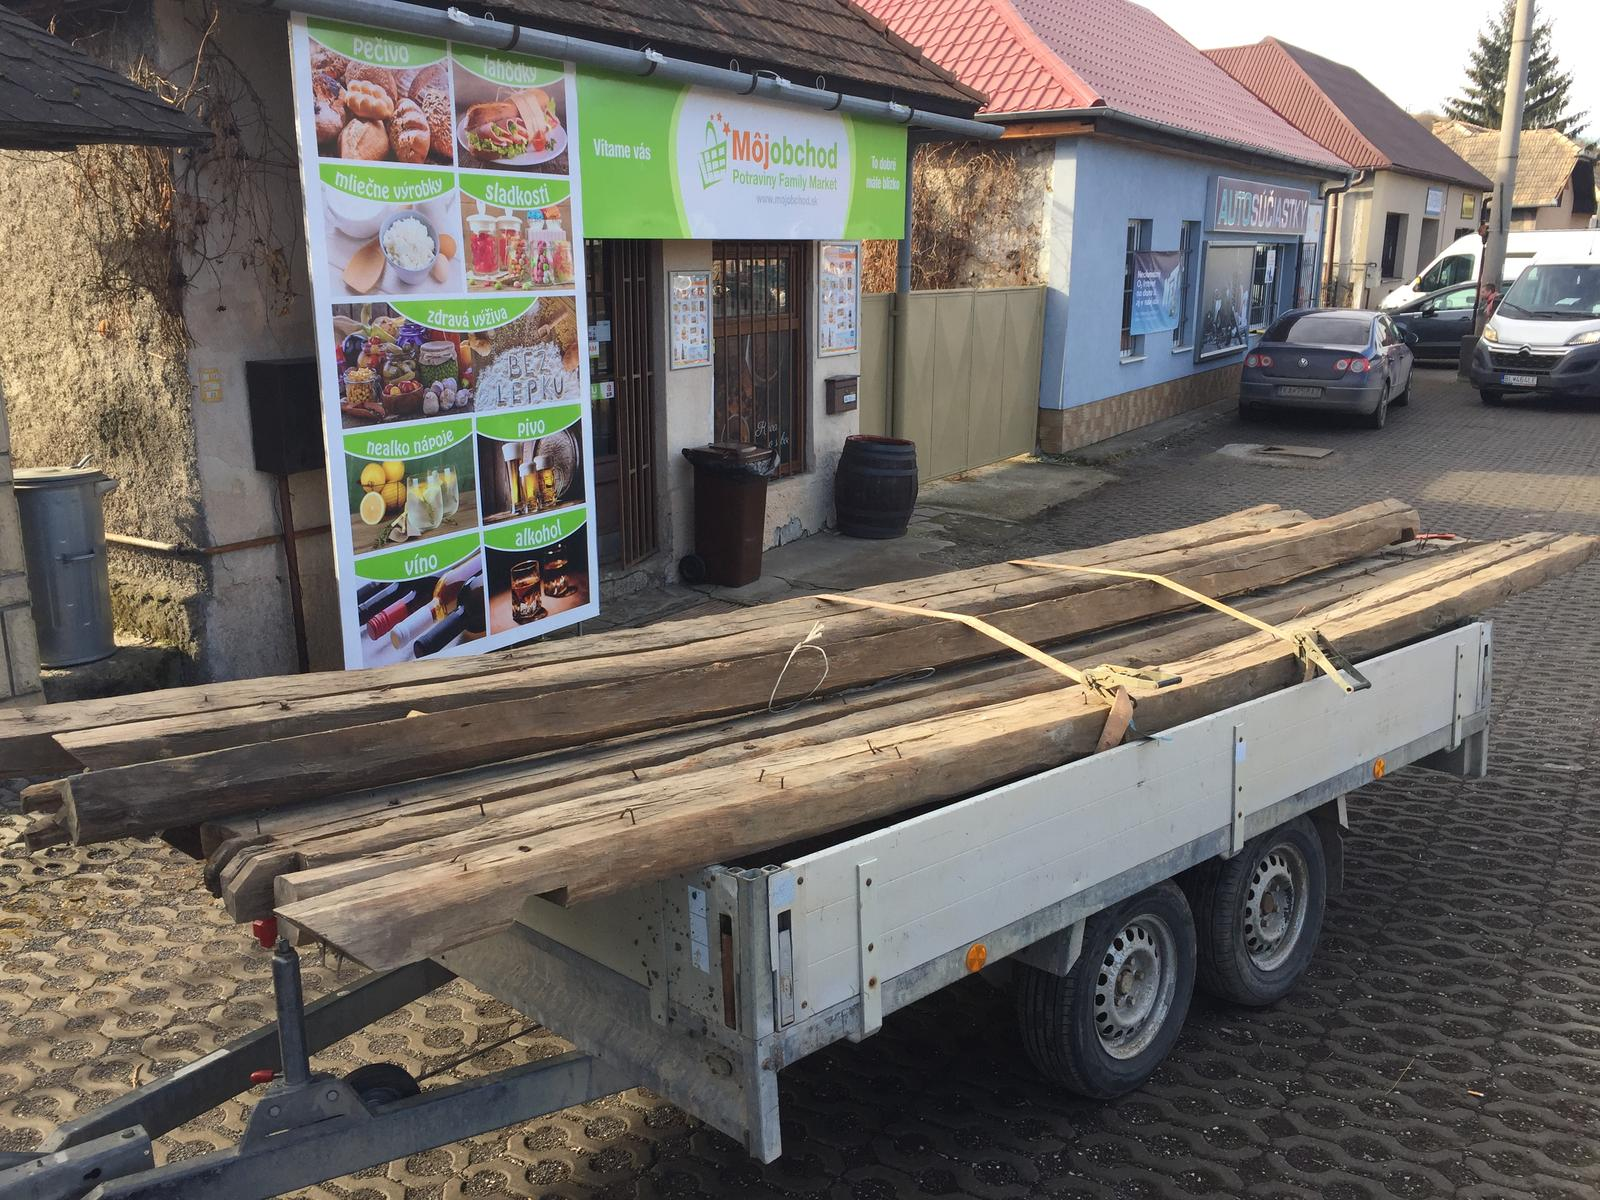 HACIENDA NAPOLI SEBECHLEBY - Stare drevo zo strechy som zaviezol ku kamosovi.budu nove postele pre ubytovanych